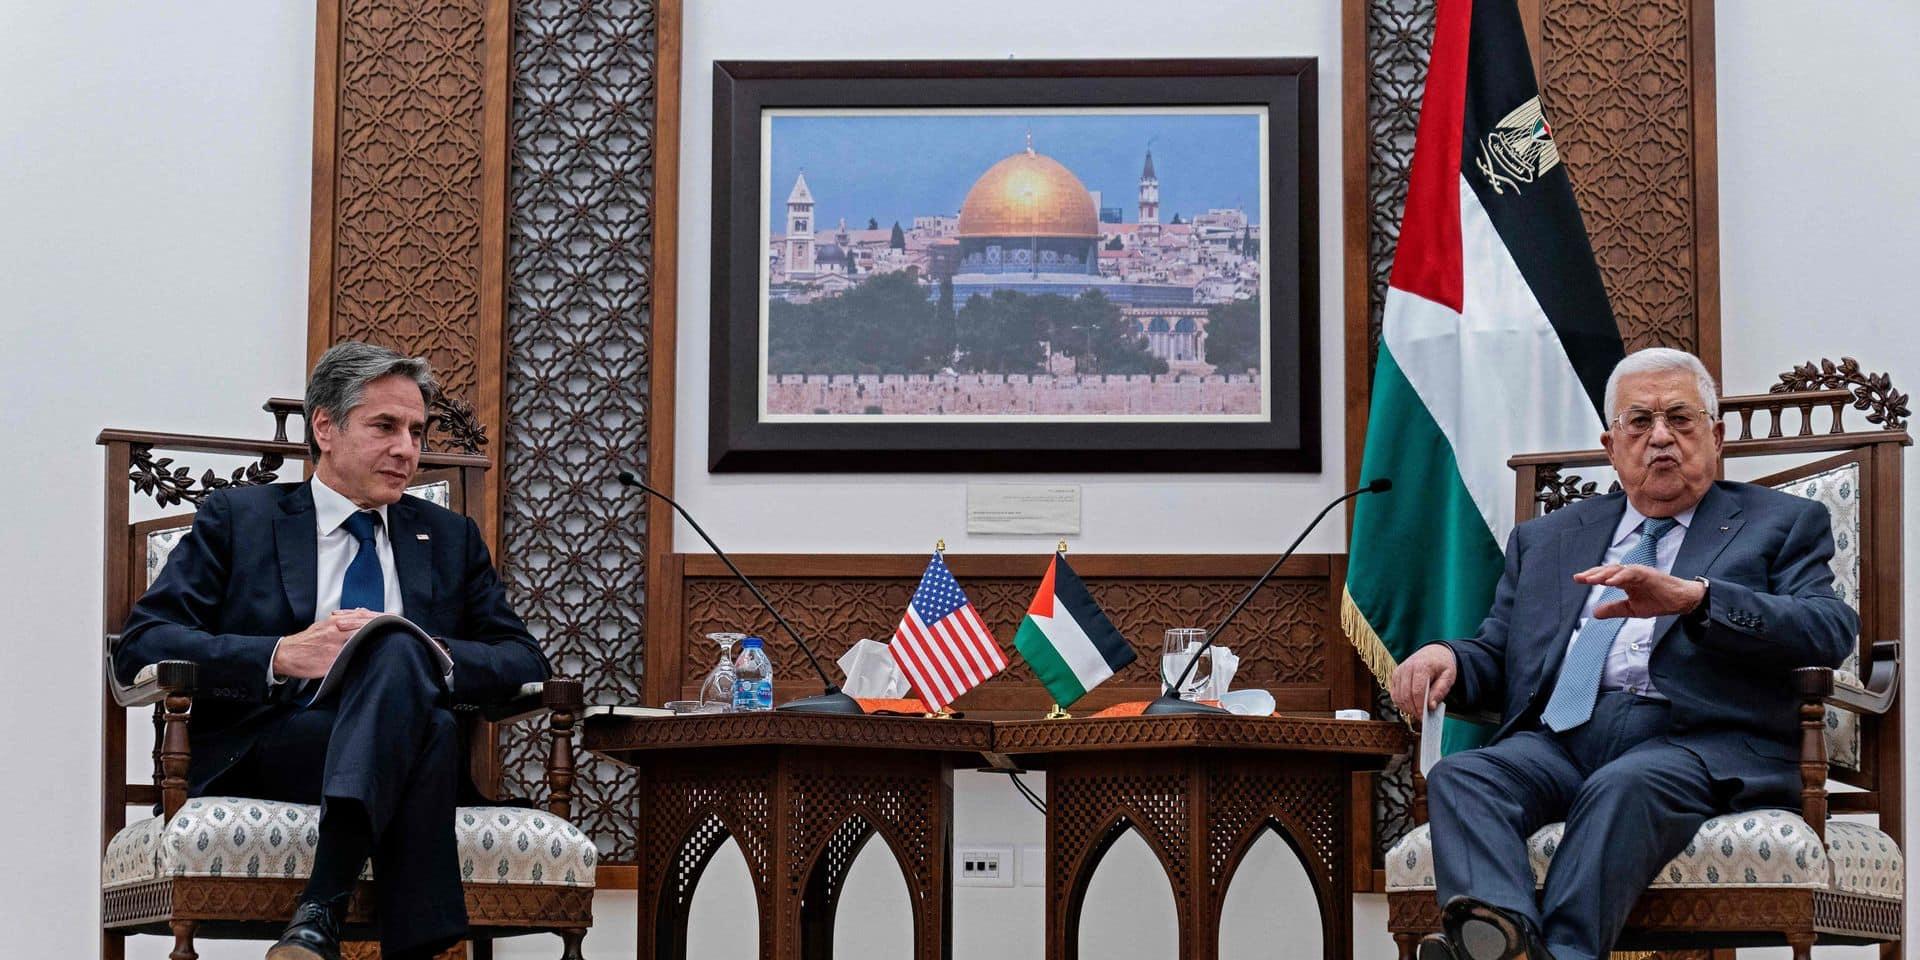 En visite à Ramallah et Jérusalem, le secrétaire d'Etat américain en quête de confiance auprès des deux camps